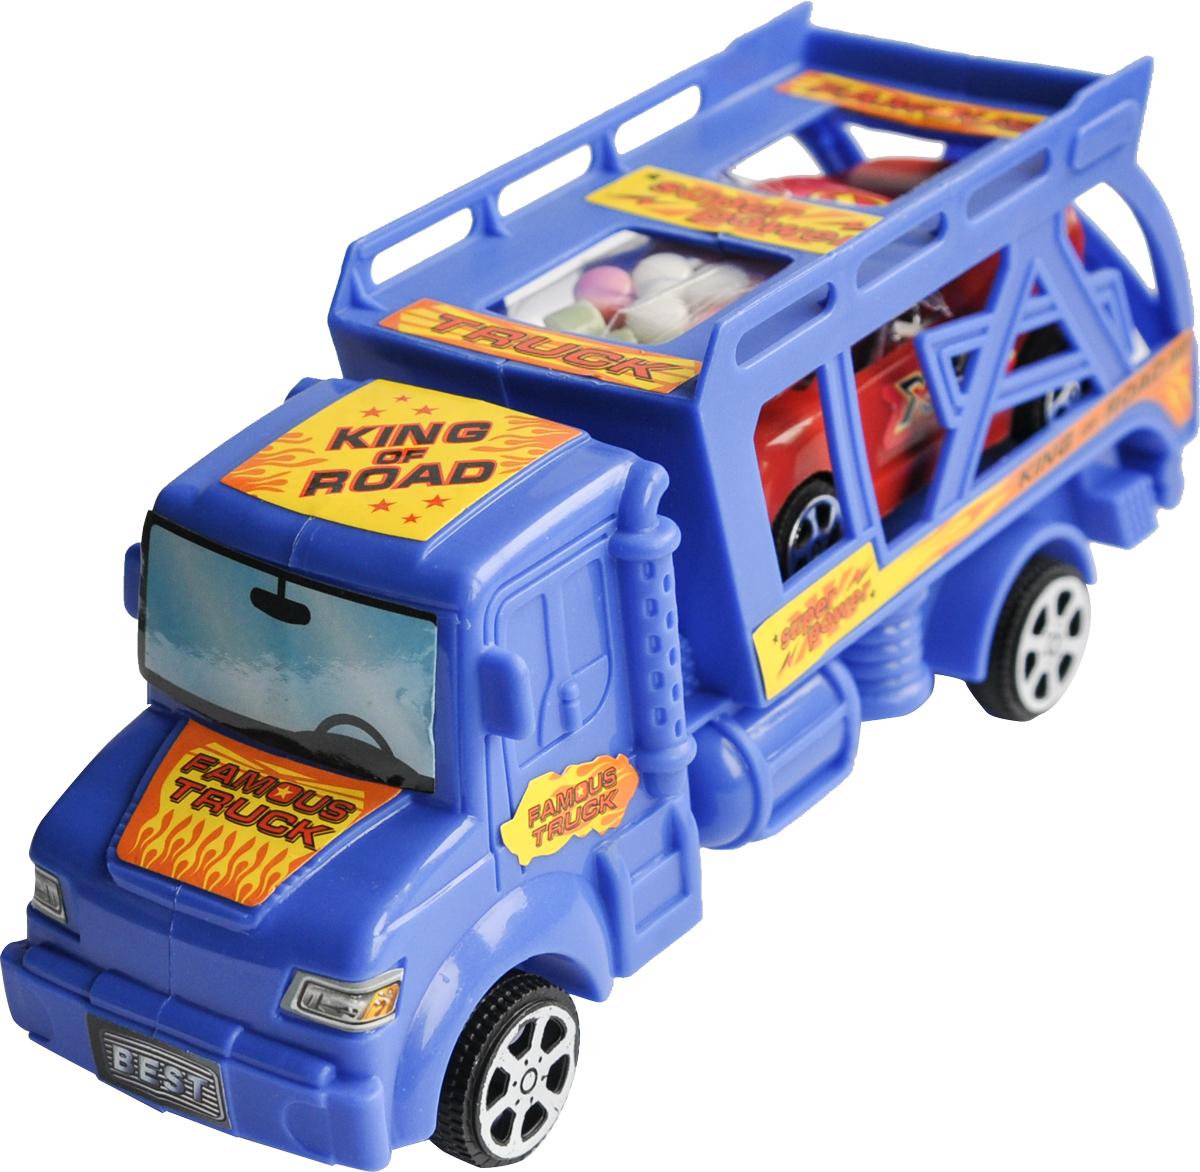 Конфитрейд Автовоз фруктовое драже с игрушкой, 5 гУТ21048Пластиковая машинка в виде автовоза из пластмассы с инерционным механизмом, внутри в кузове находится маленькая машинка из пластмассы без механизма + драже со вкусом клубники в прозрачном пакетике